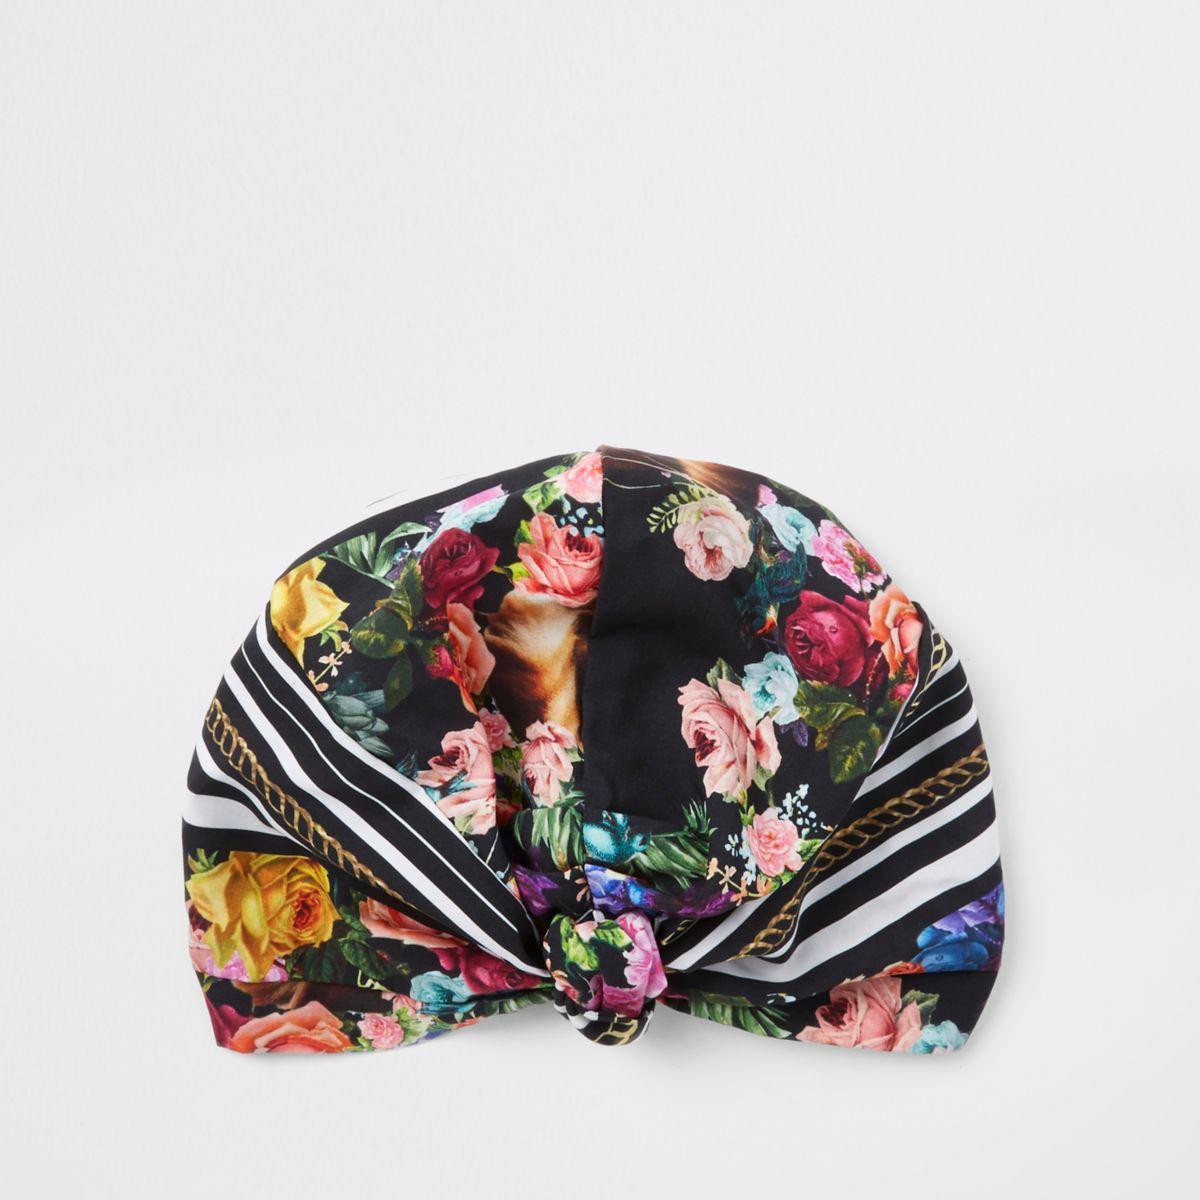 Schwarzer Turban mit Blumenmuster